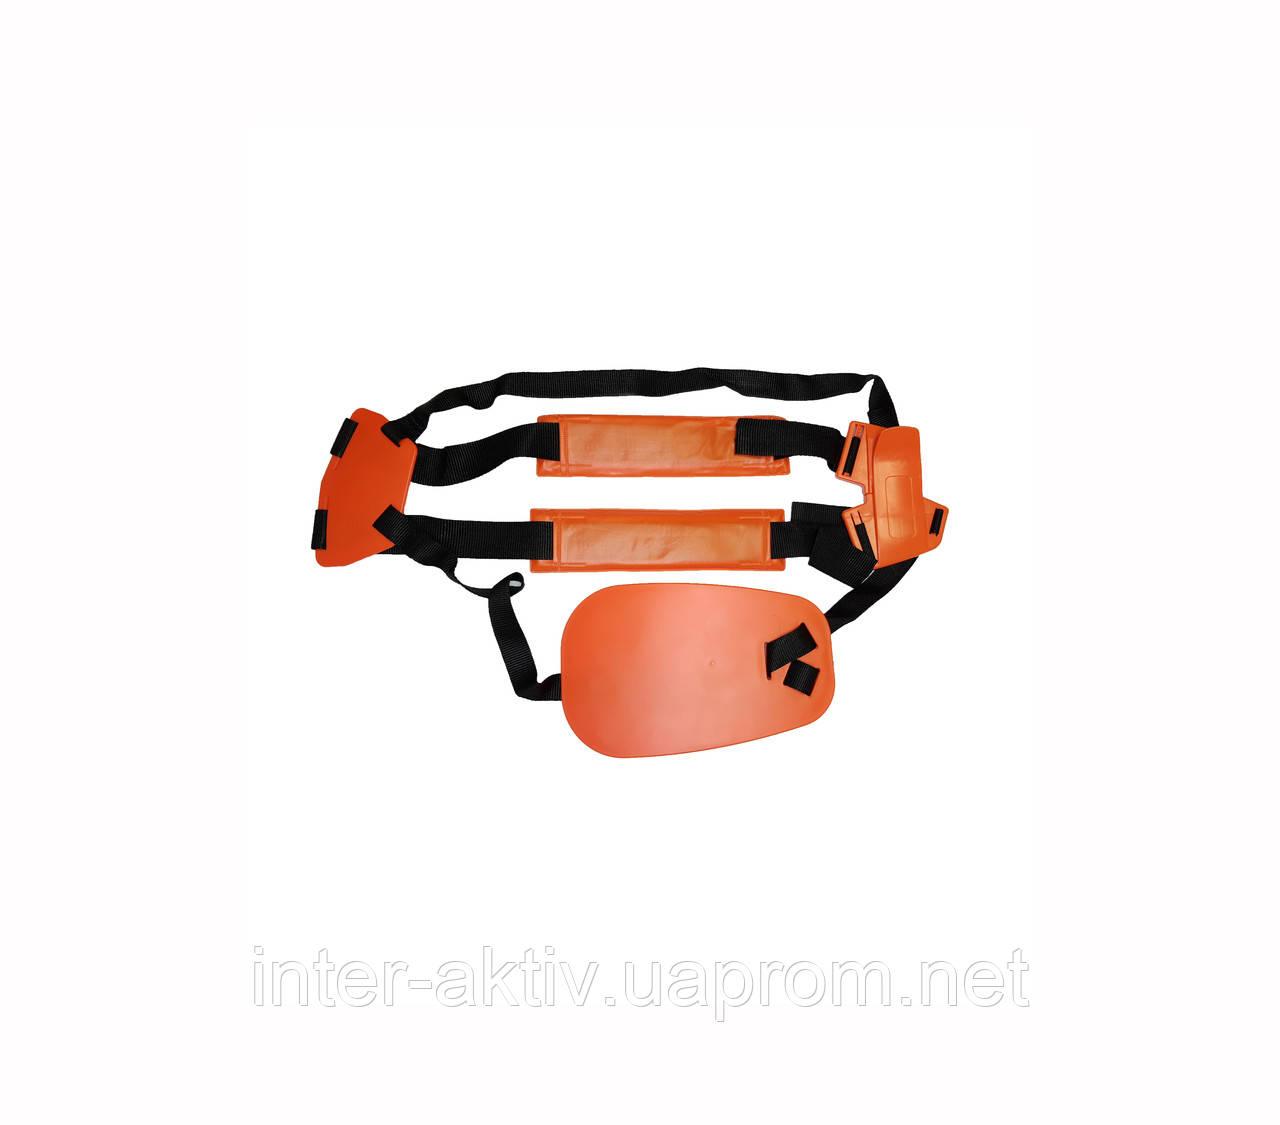 Ремінь для бензокоси проф оранж на два плеча